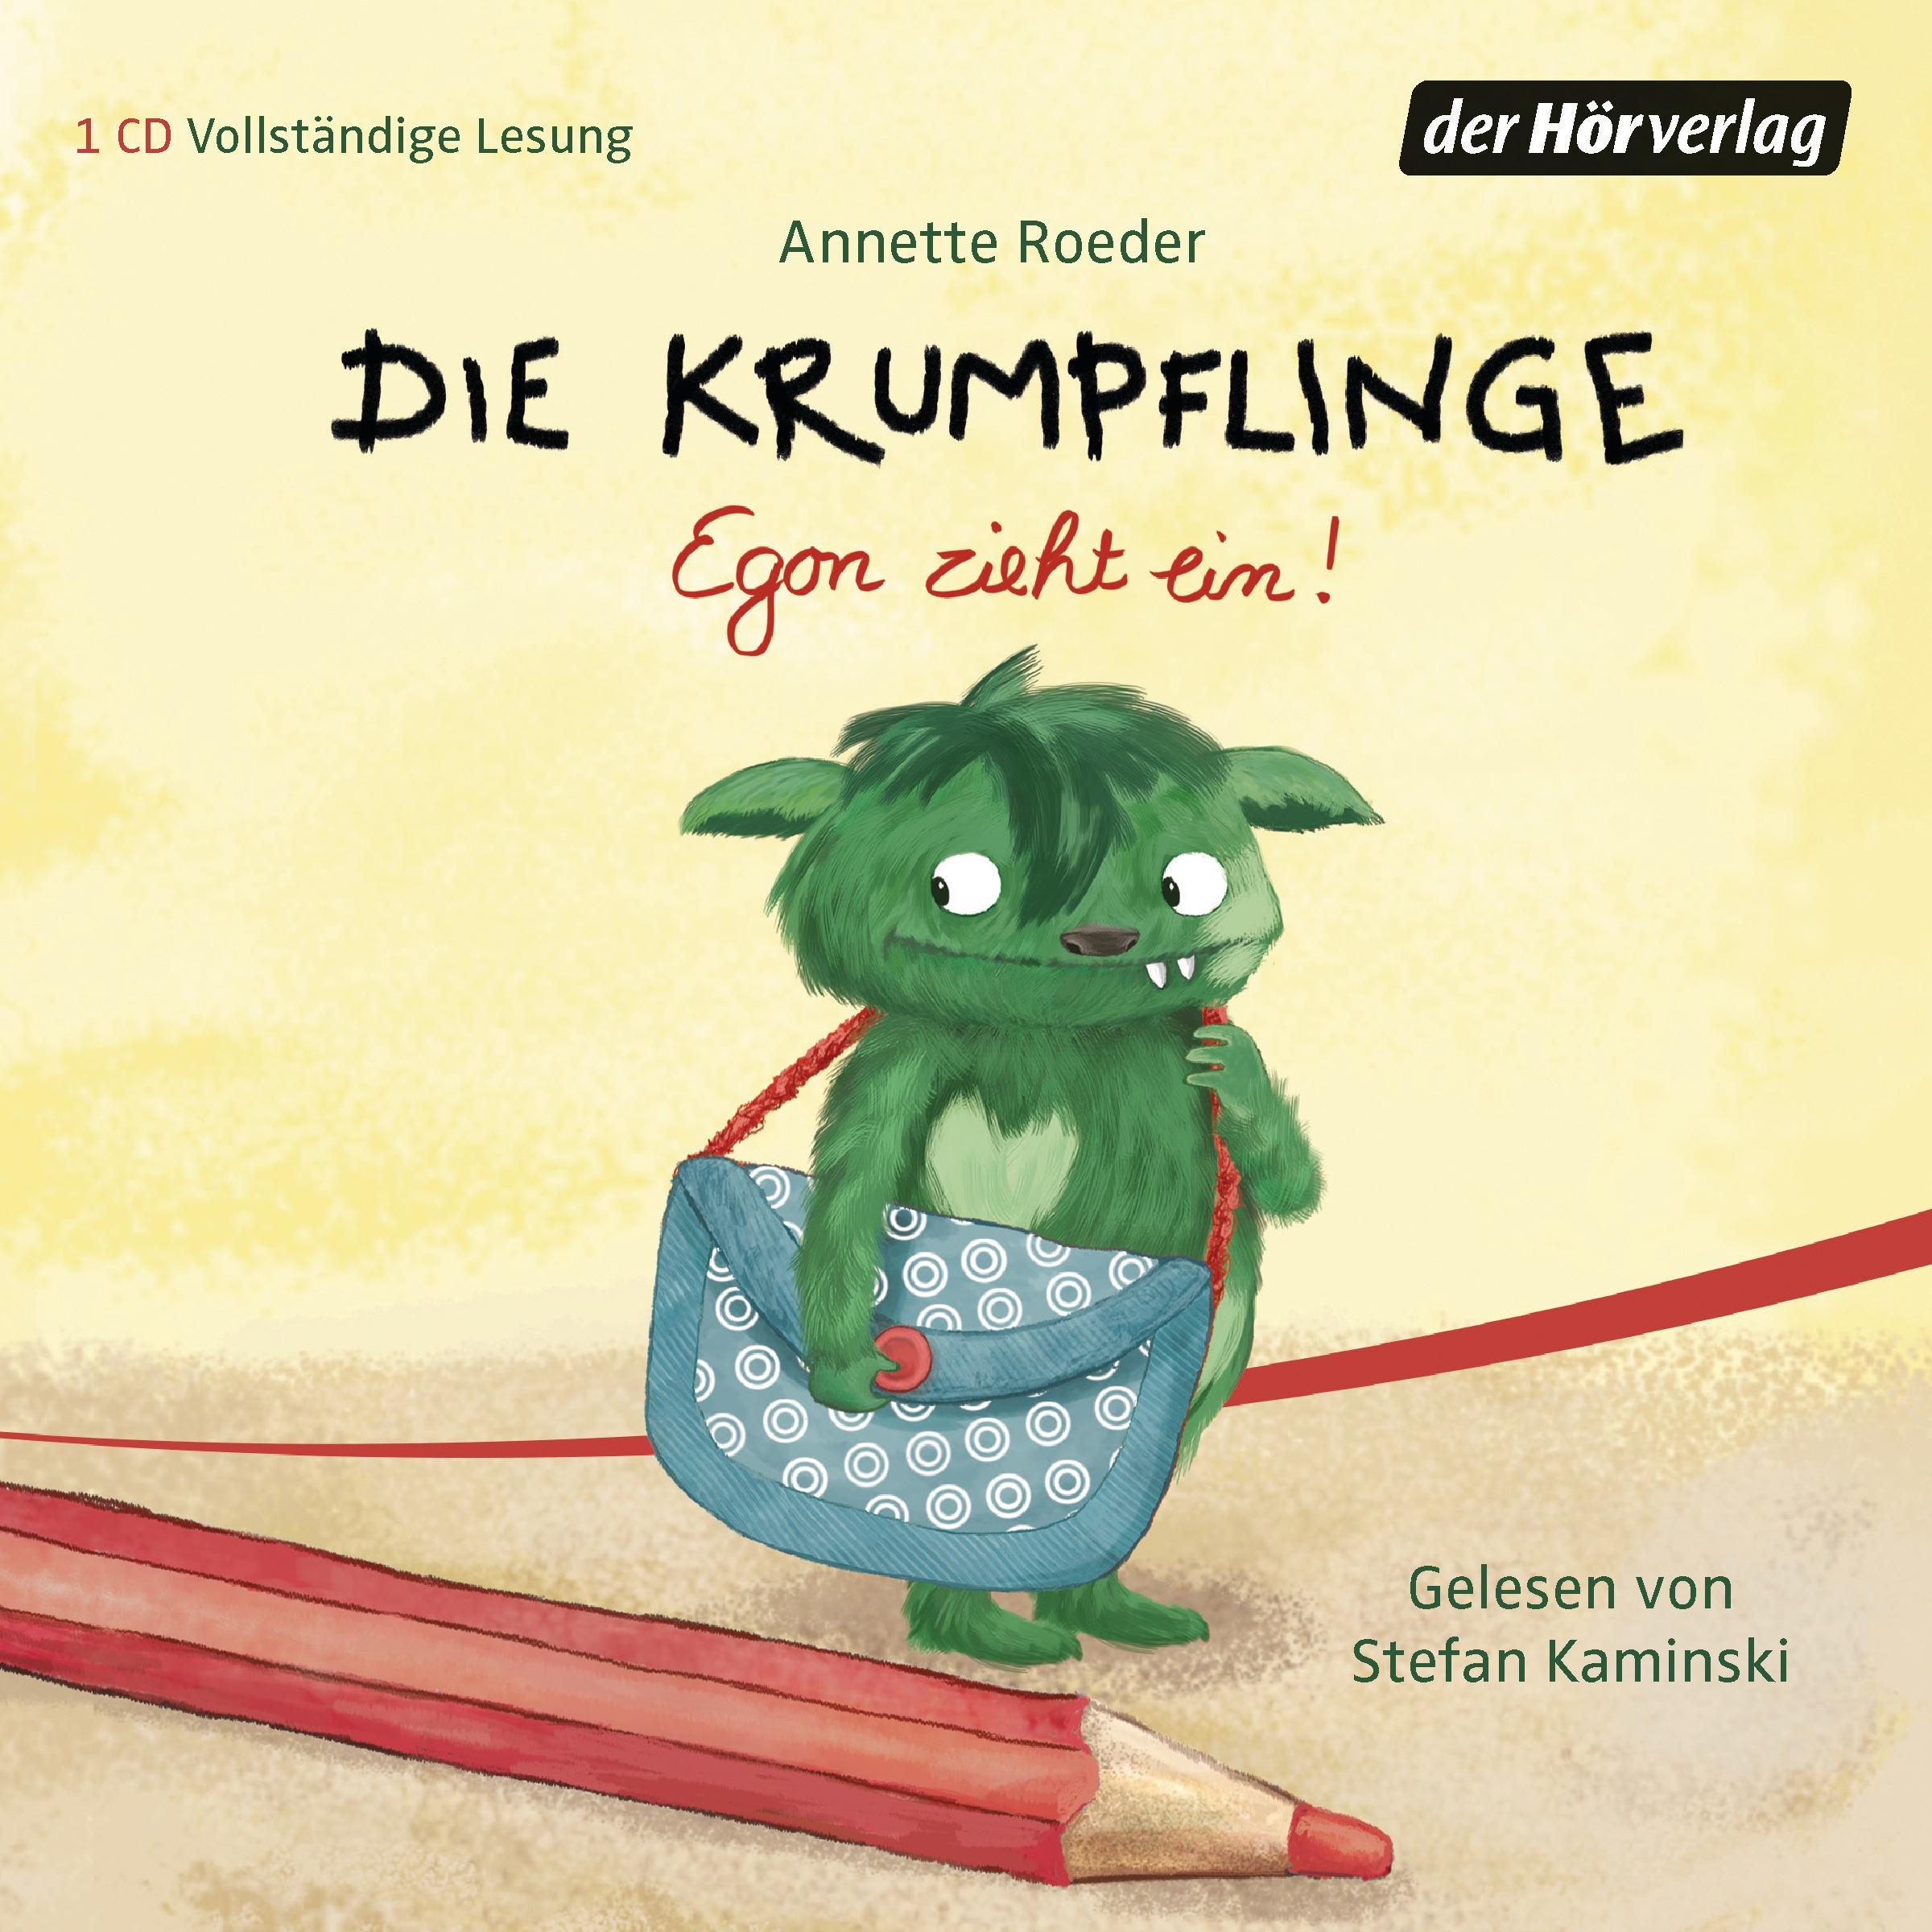 Die Krumpflinge: Folge 1 - Egon zieht ein! - Annette Roeder